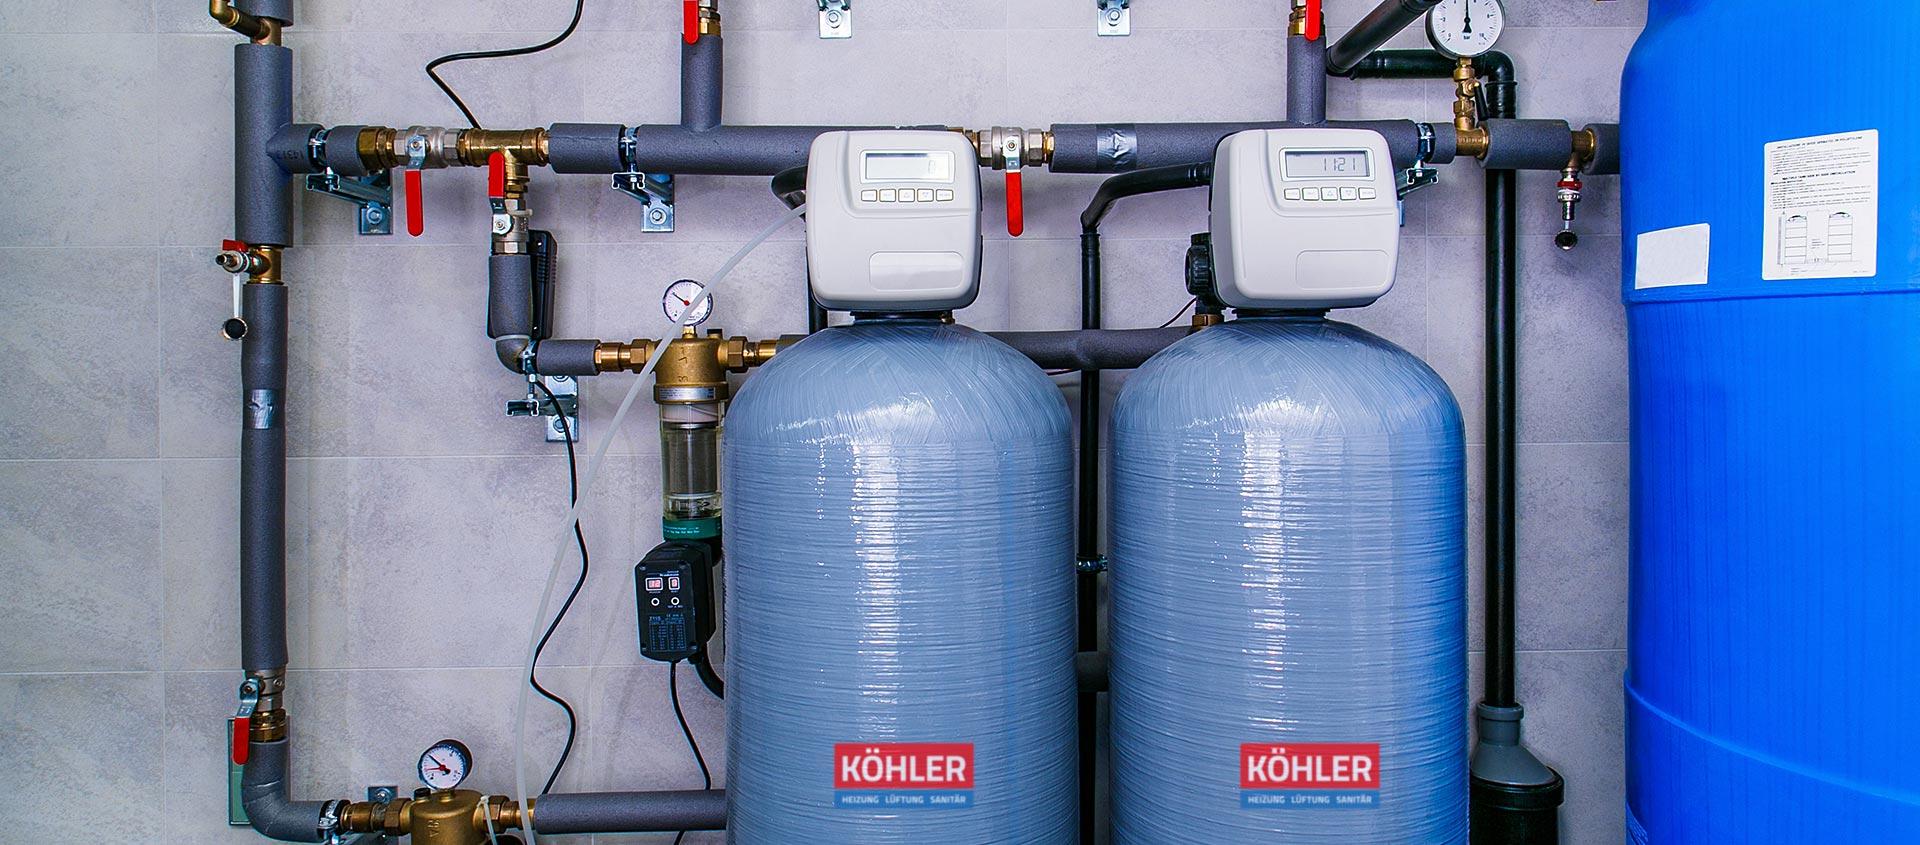 koehler-heizung-lueftung-sanitaer-leistungen-wohnungsbau-hausbau-wartung-instandhaltung-enthaertungsanlage-waldkraiburg